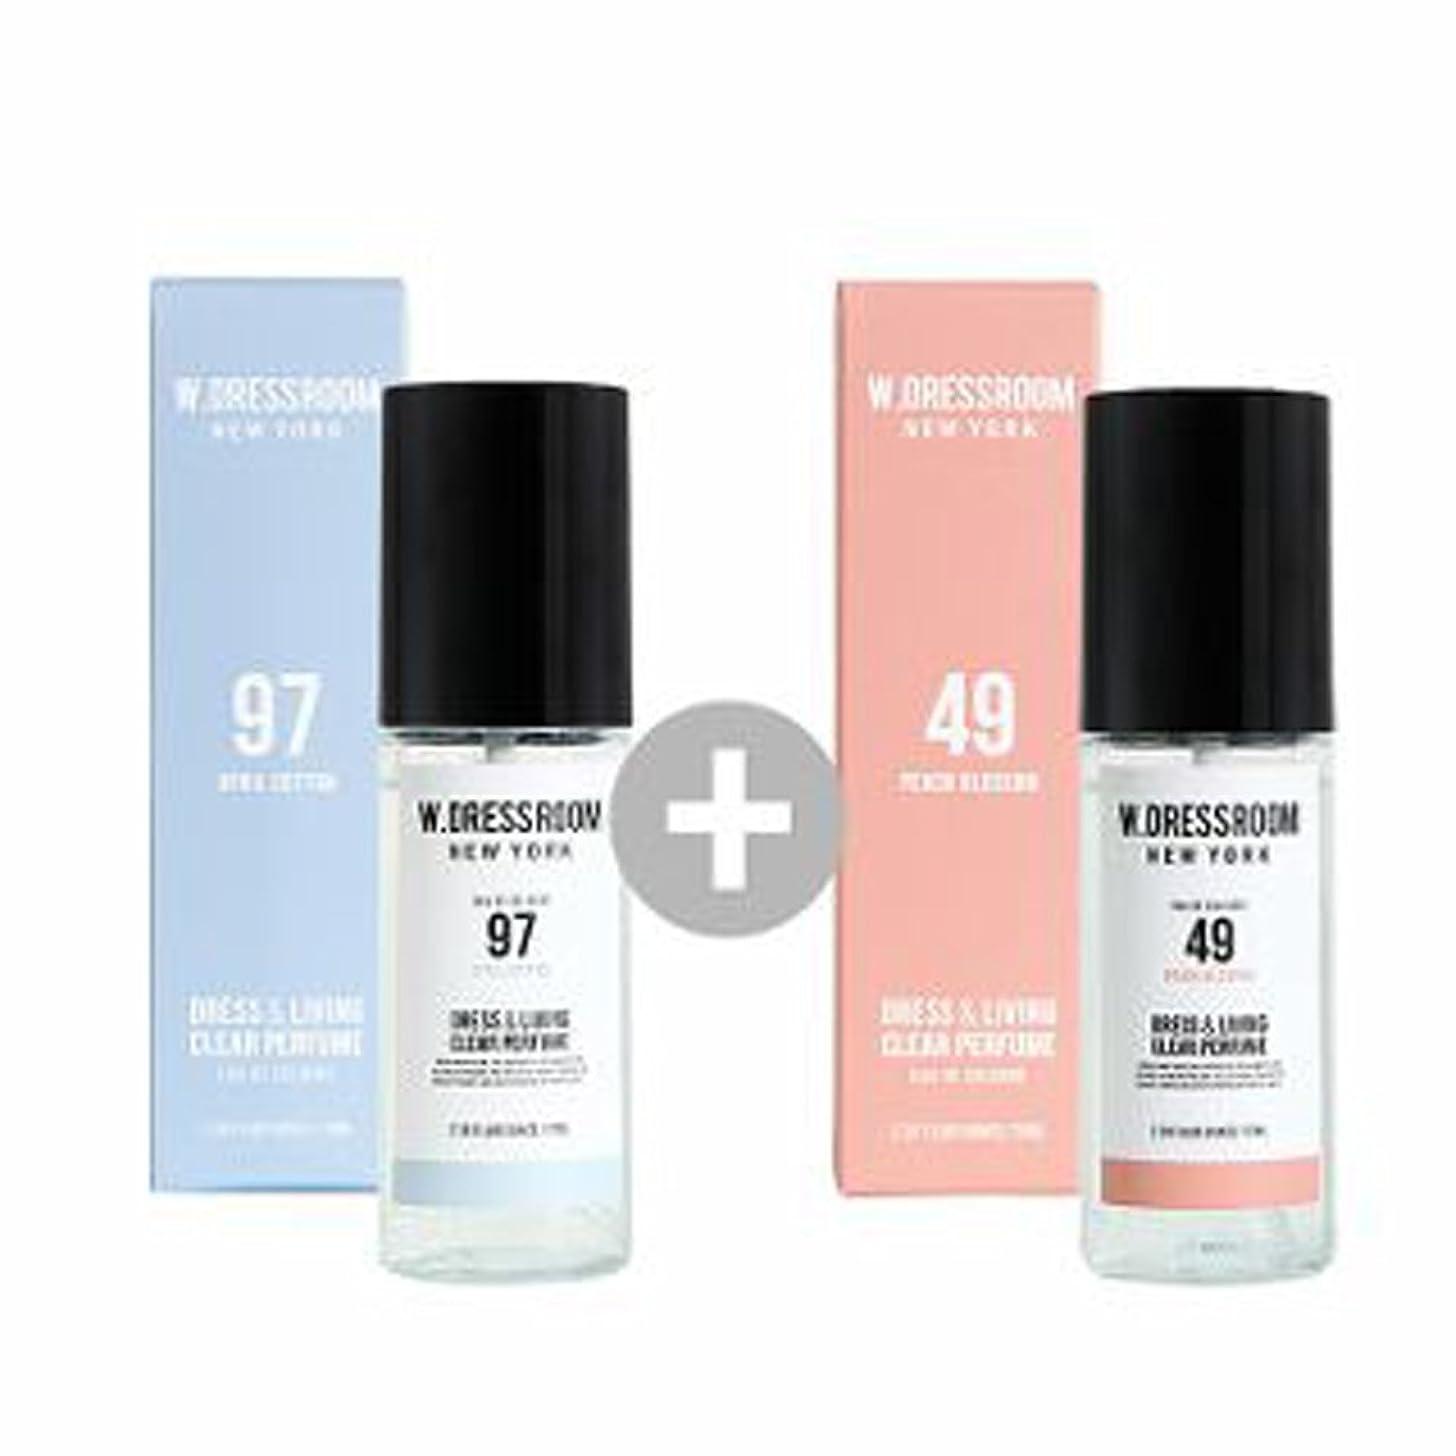 ウェブコール遠近法W.DRESSROOM Dress & Living Clear Perfume 70ml(No 97 April Cotton)+(No 49 Peach Blossom)